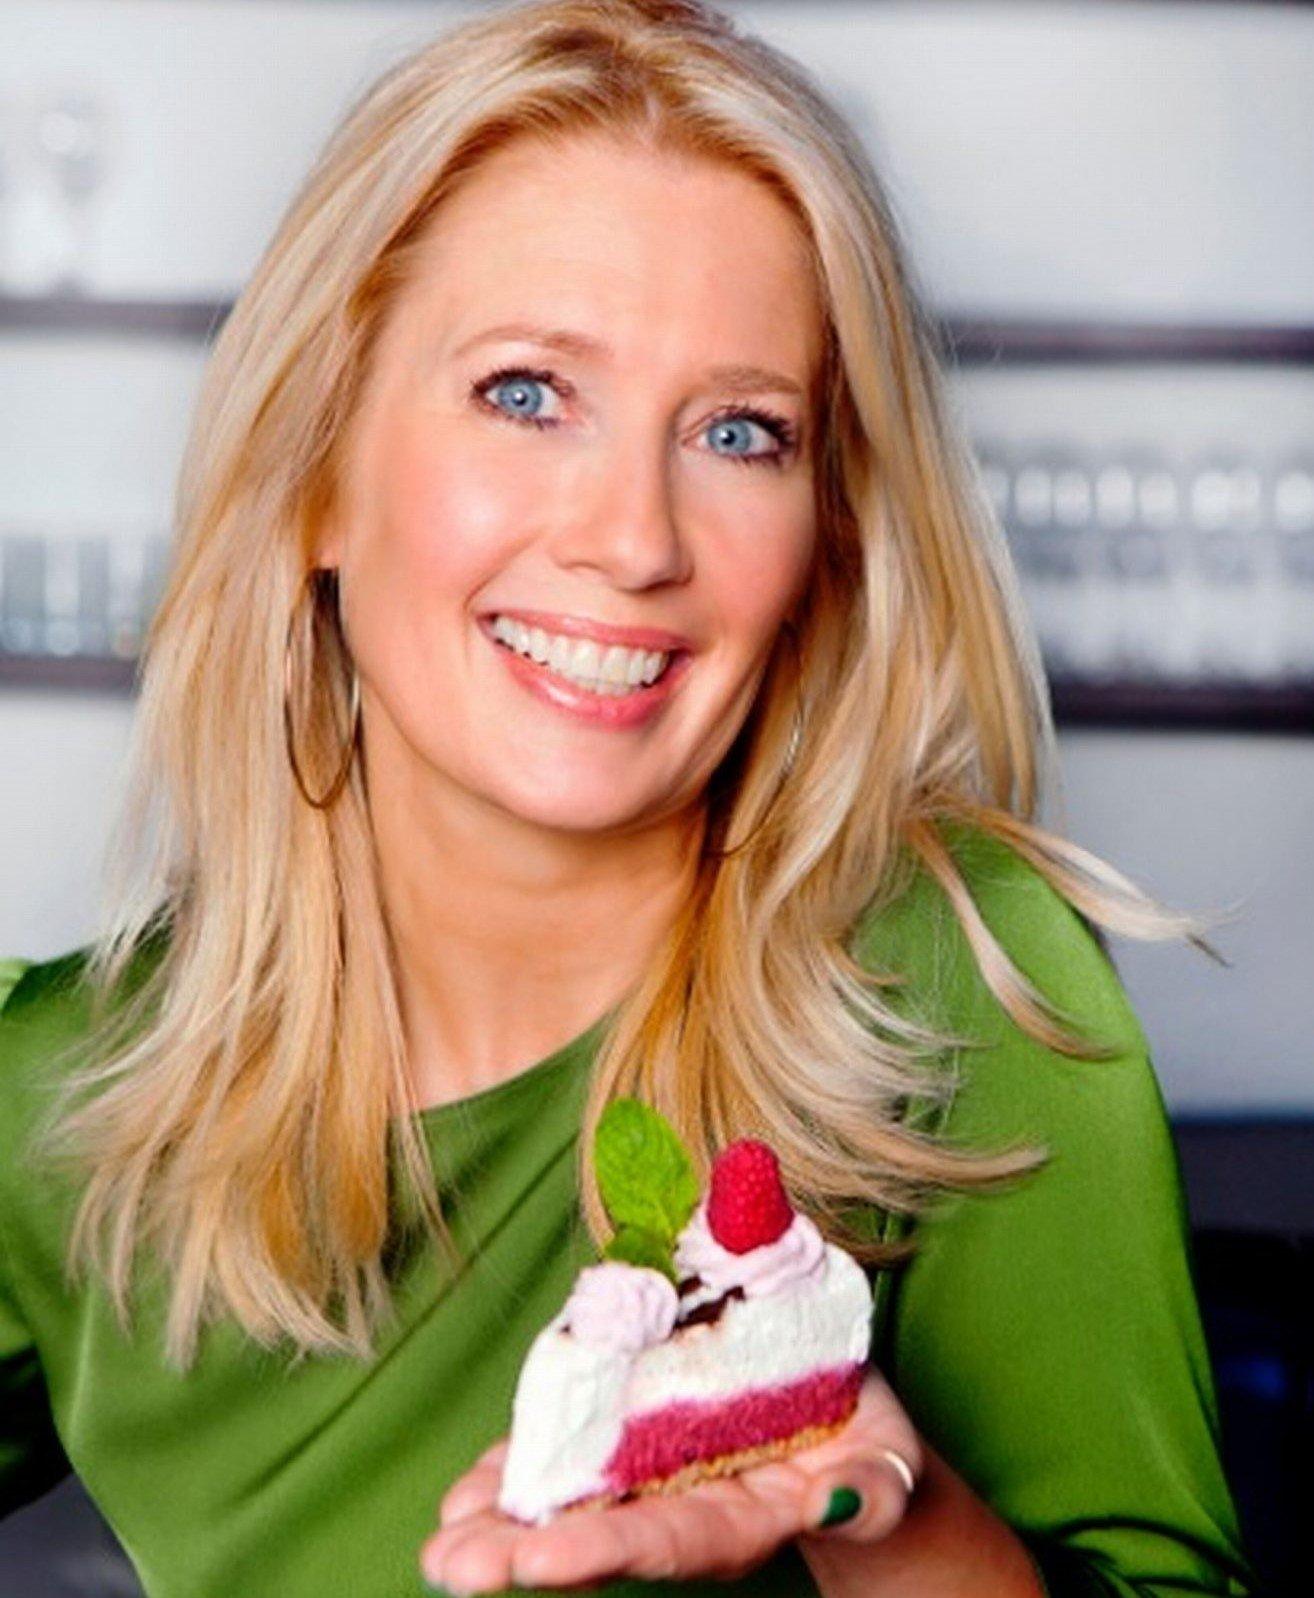 Corinne Weijschedé